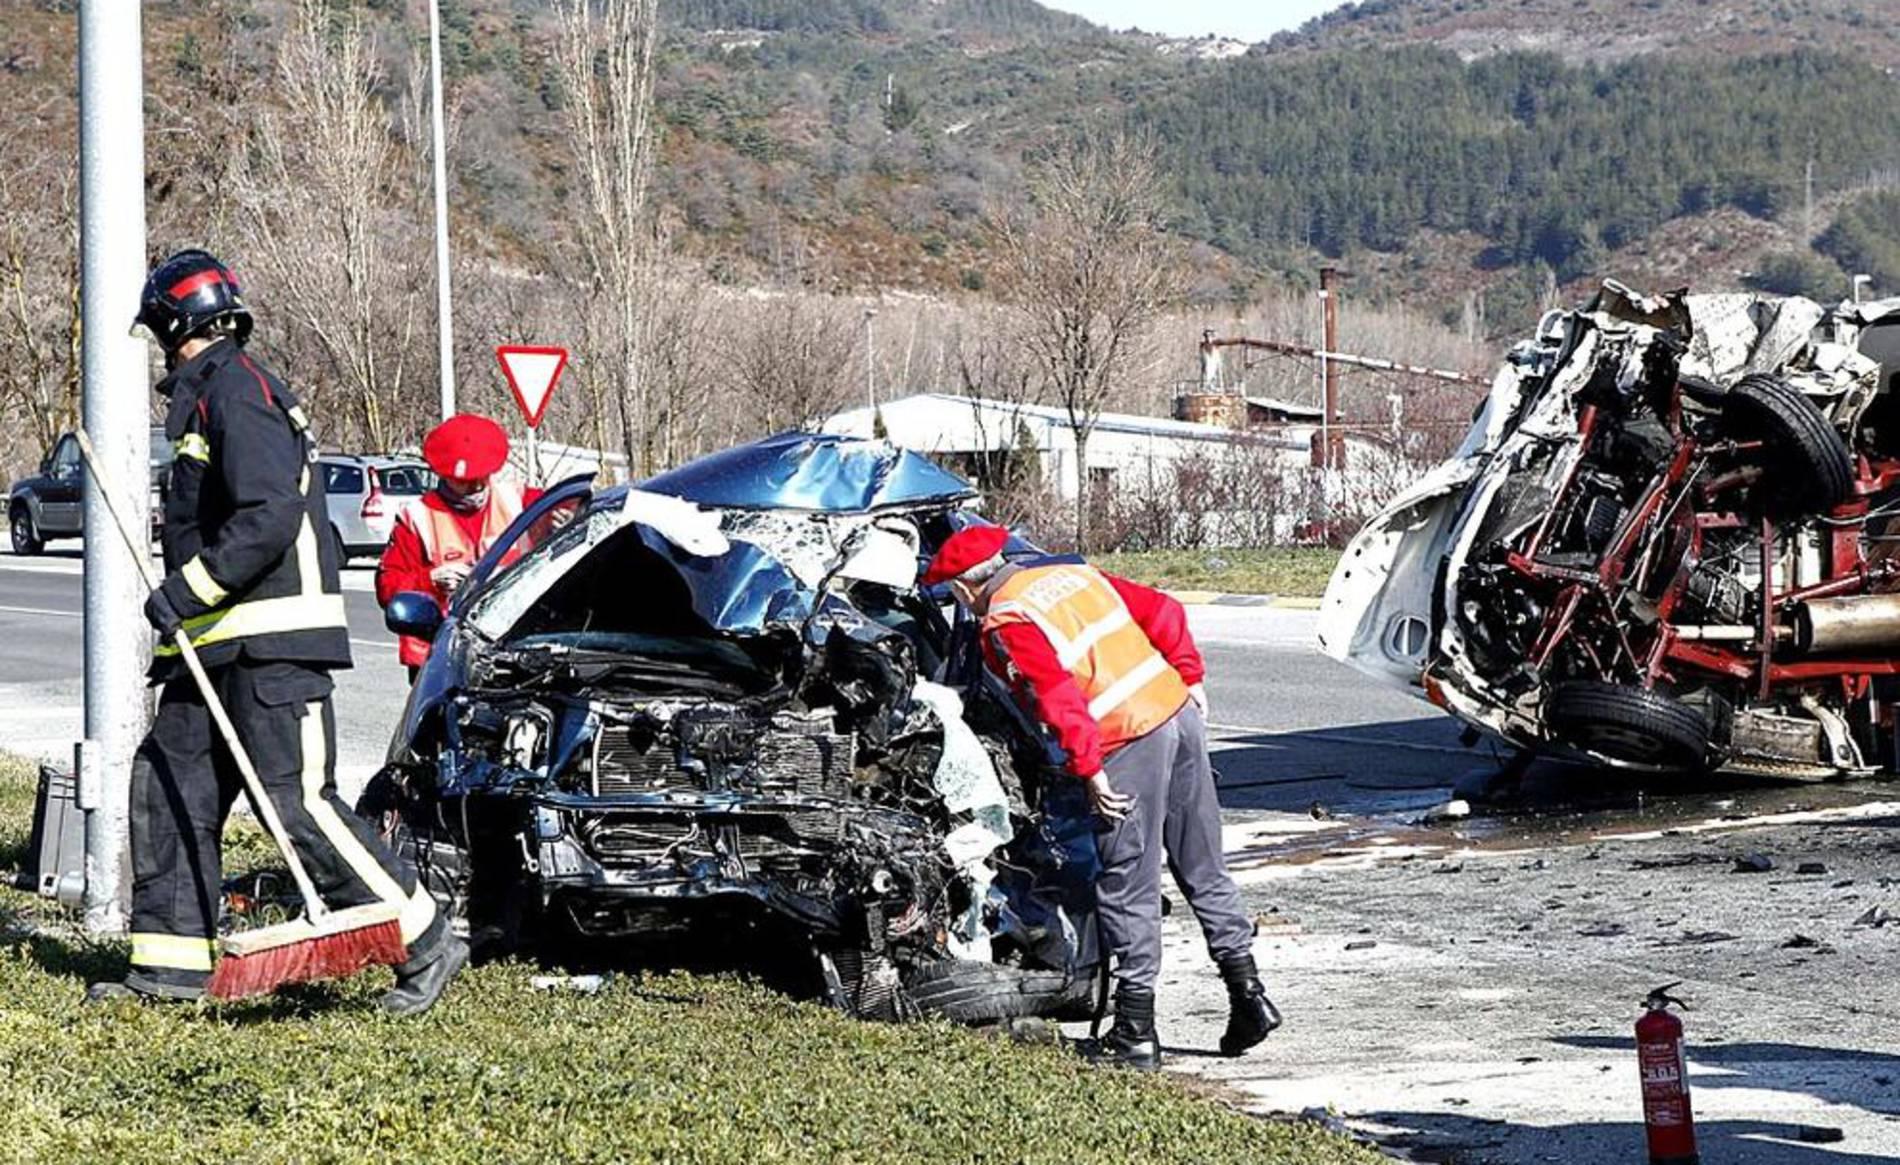 Un muerto y un herido en un accidente en la Ronda de Pamplona (1/9) - Un hombre ha muerto la mañana de este martes y otra persona ha resultado herida en un accidente de tráfico registrado en la Ronda de Pamplona, sentido Huarte, a la altura de Olloki. - Pamplona y Comarca -